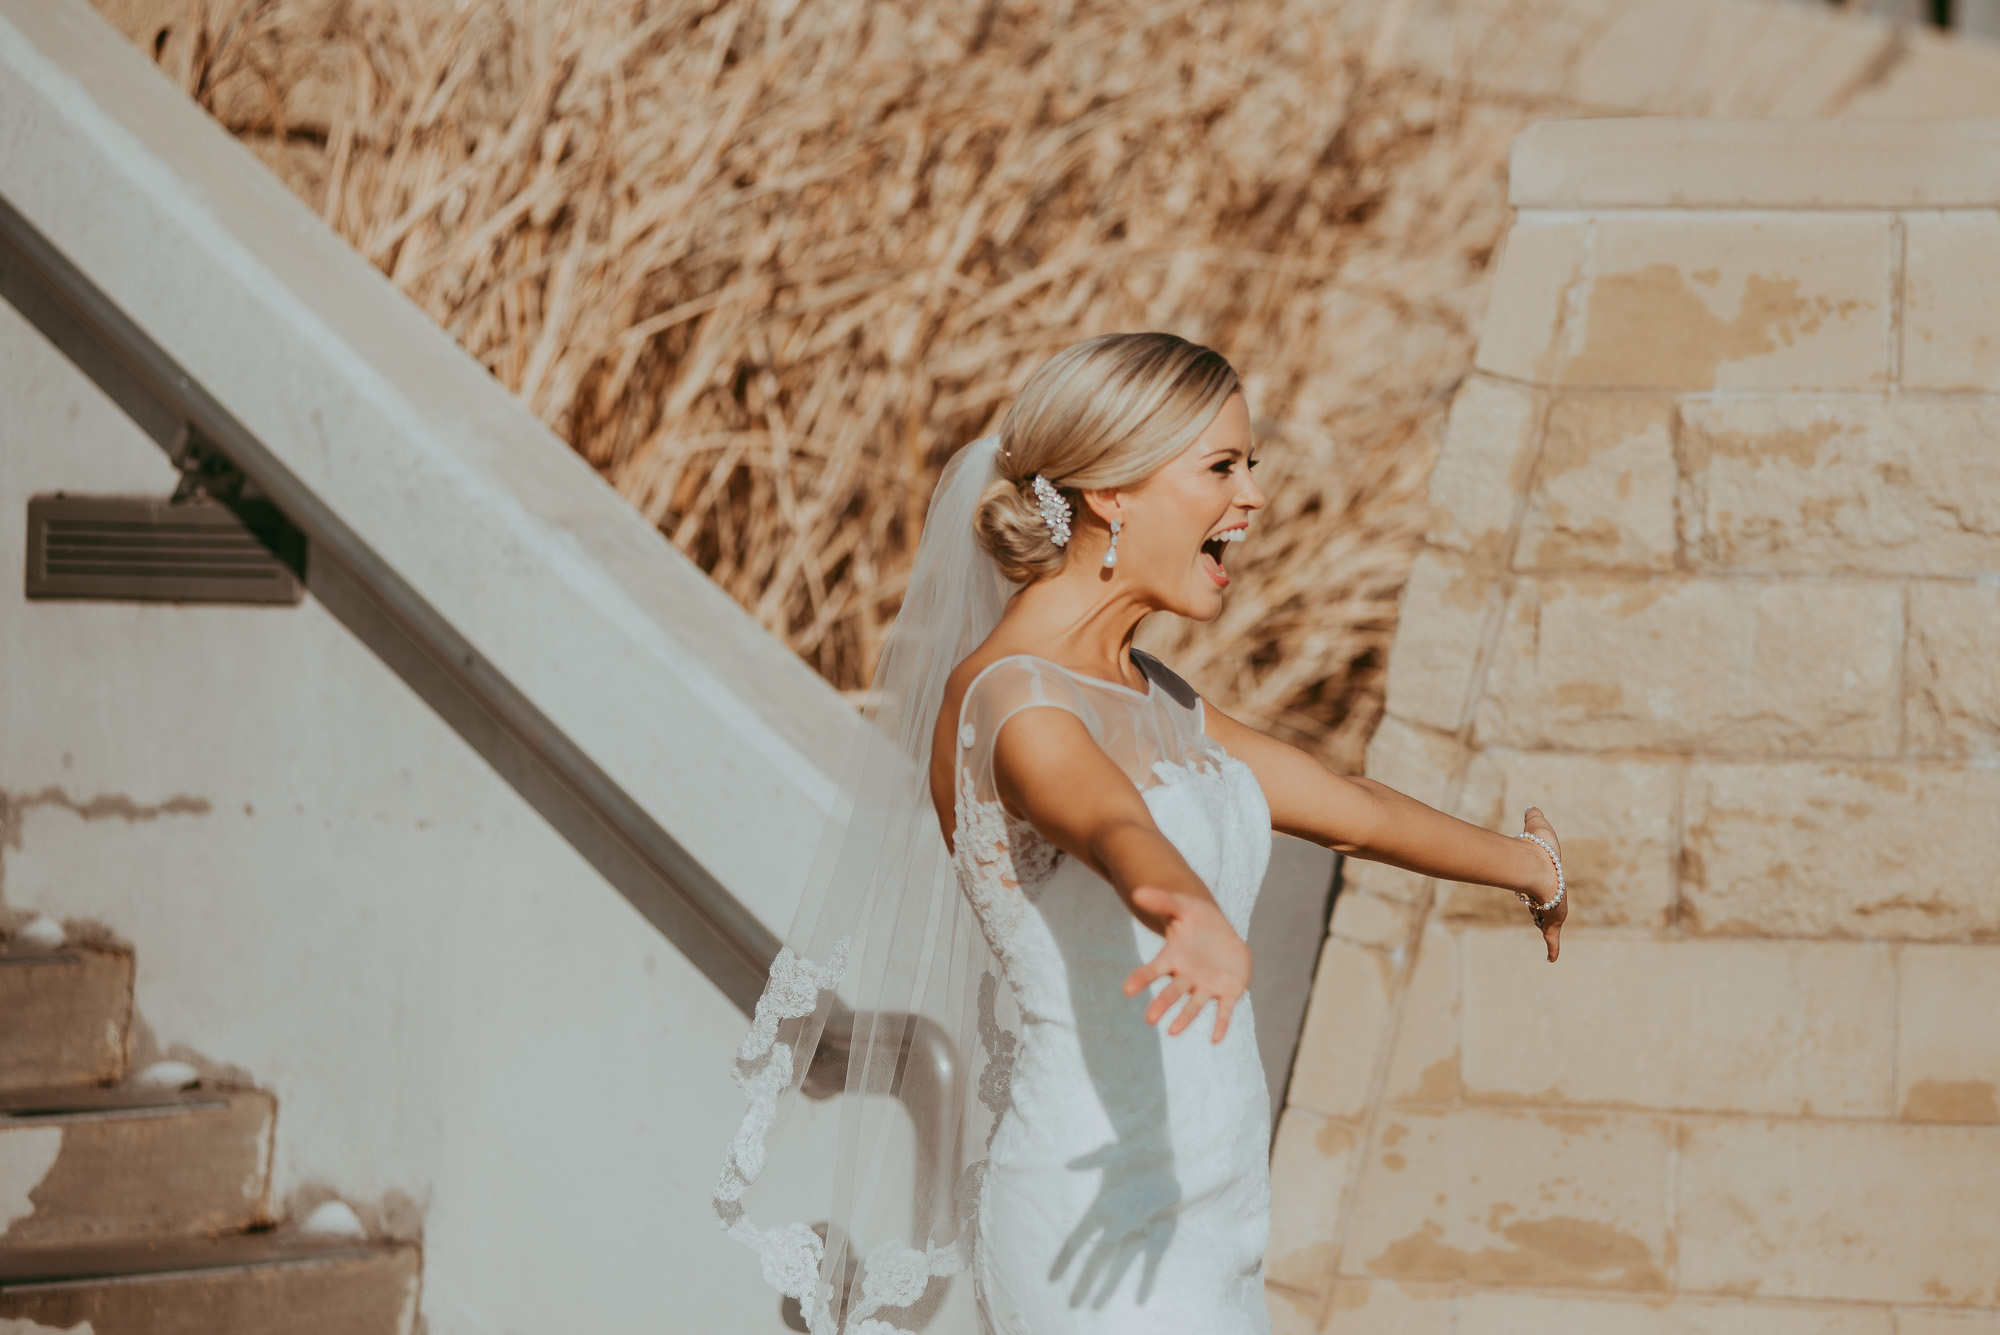 Rockford-IL-wedding-photographers-4.jpg